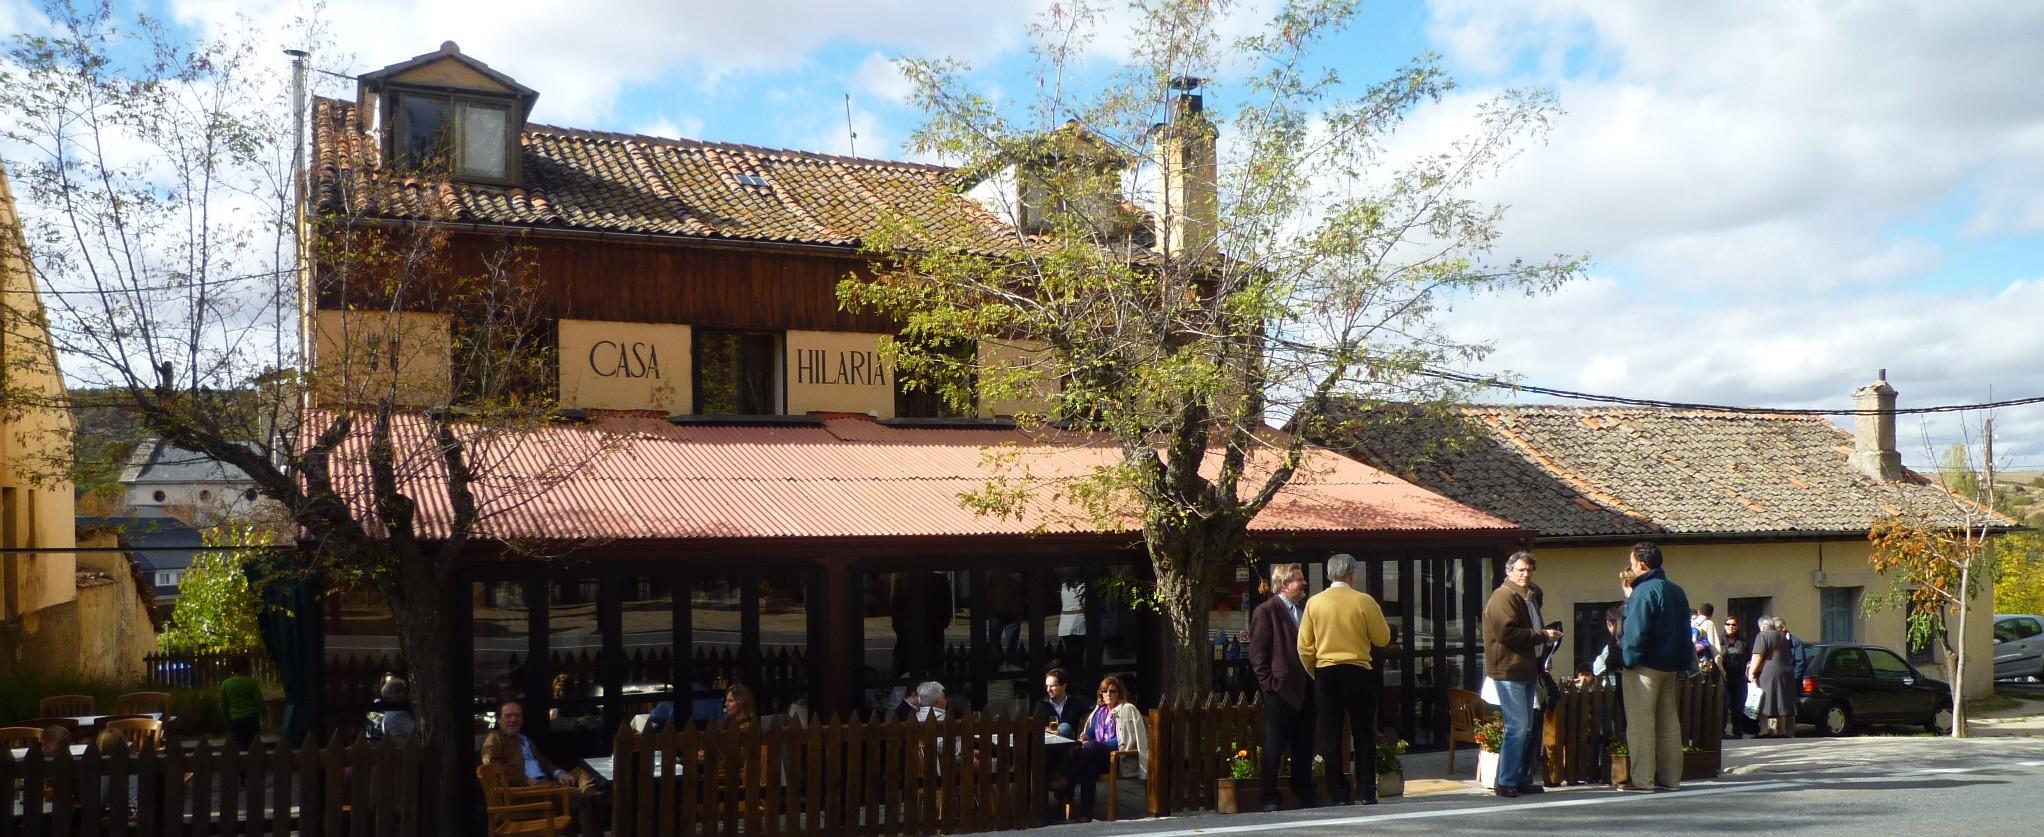 Ansicht Restaurante Hilaria